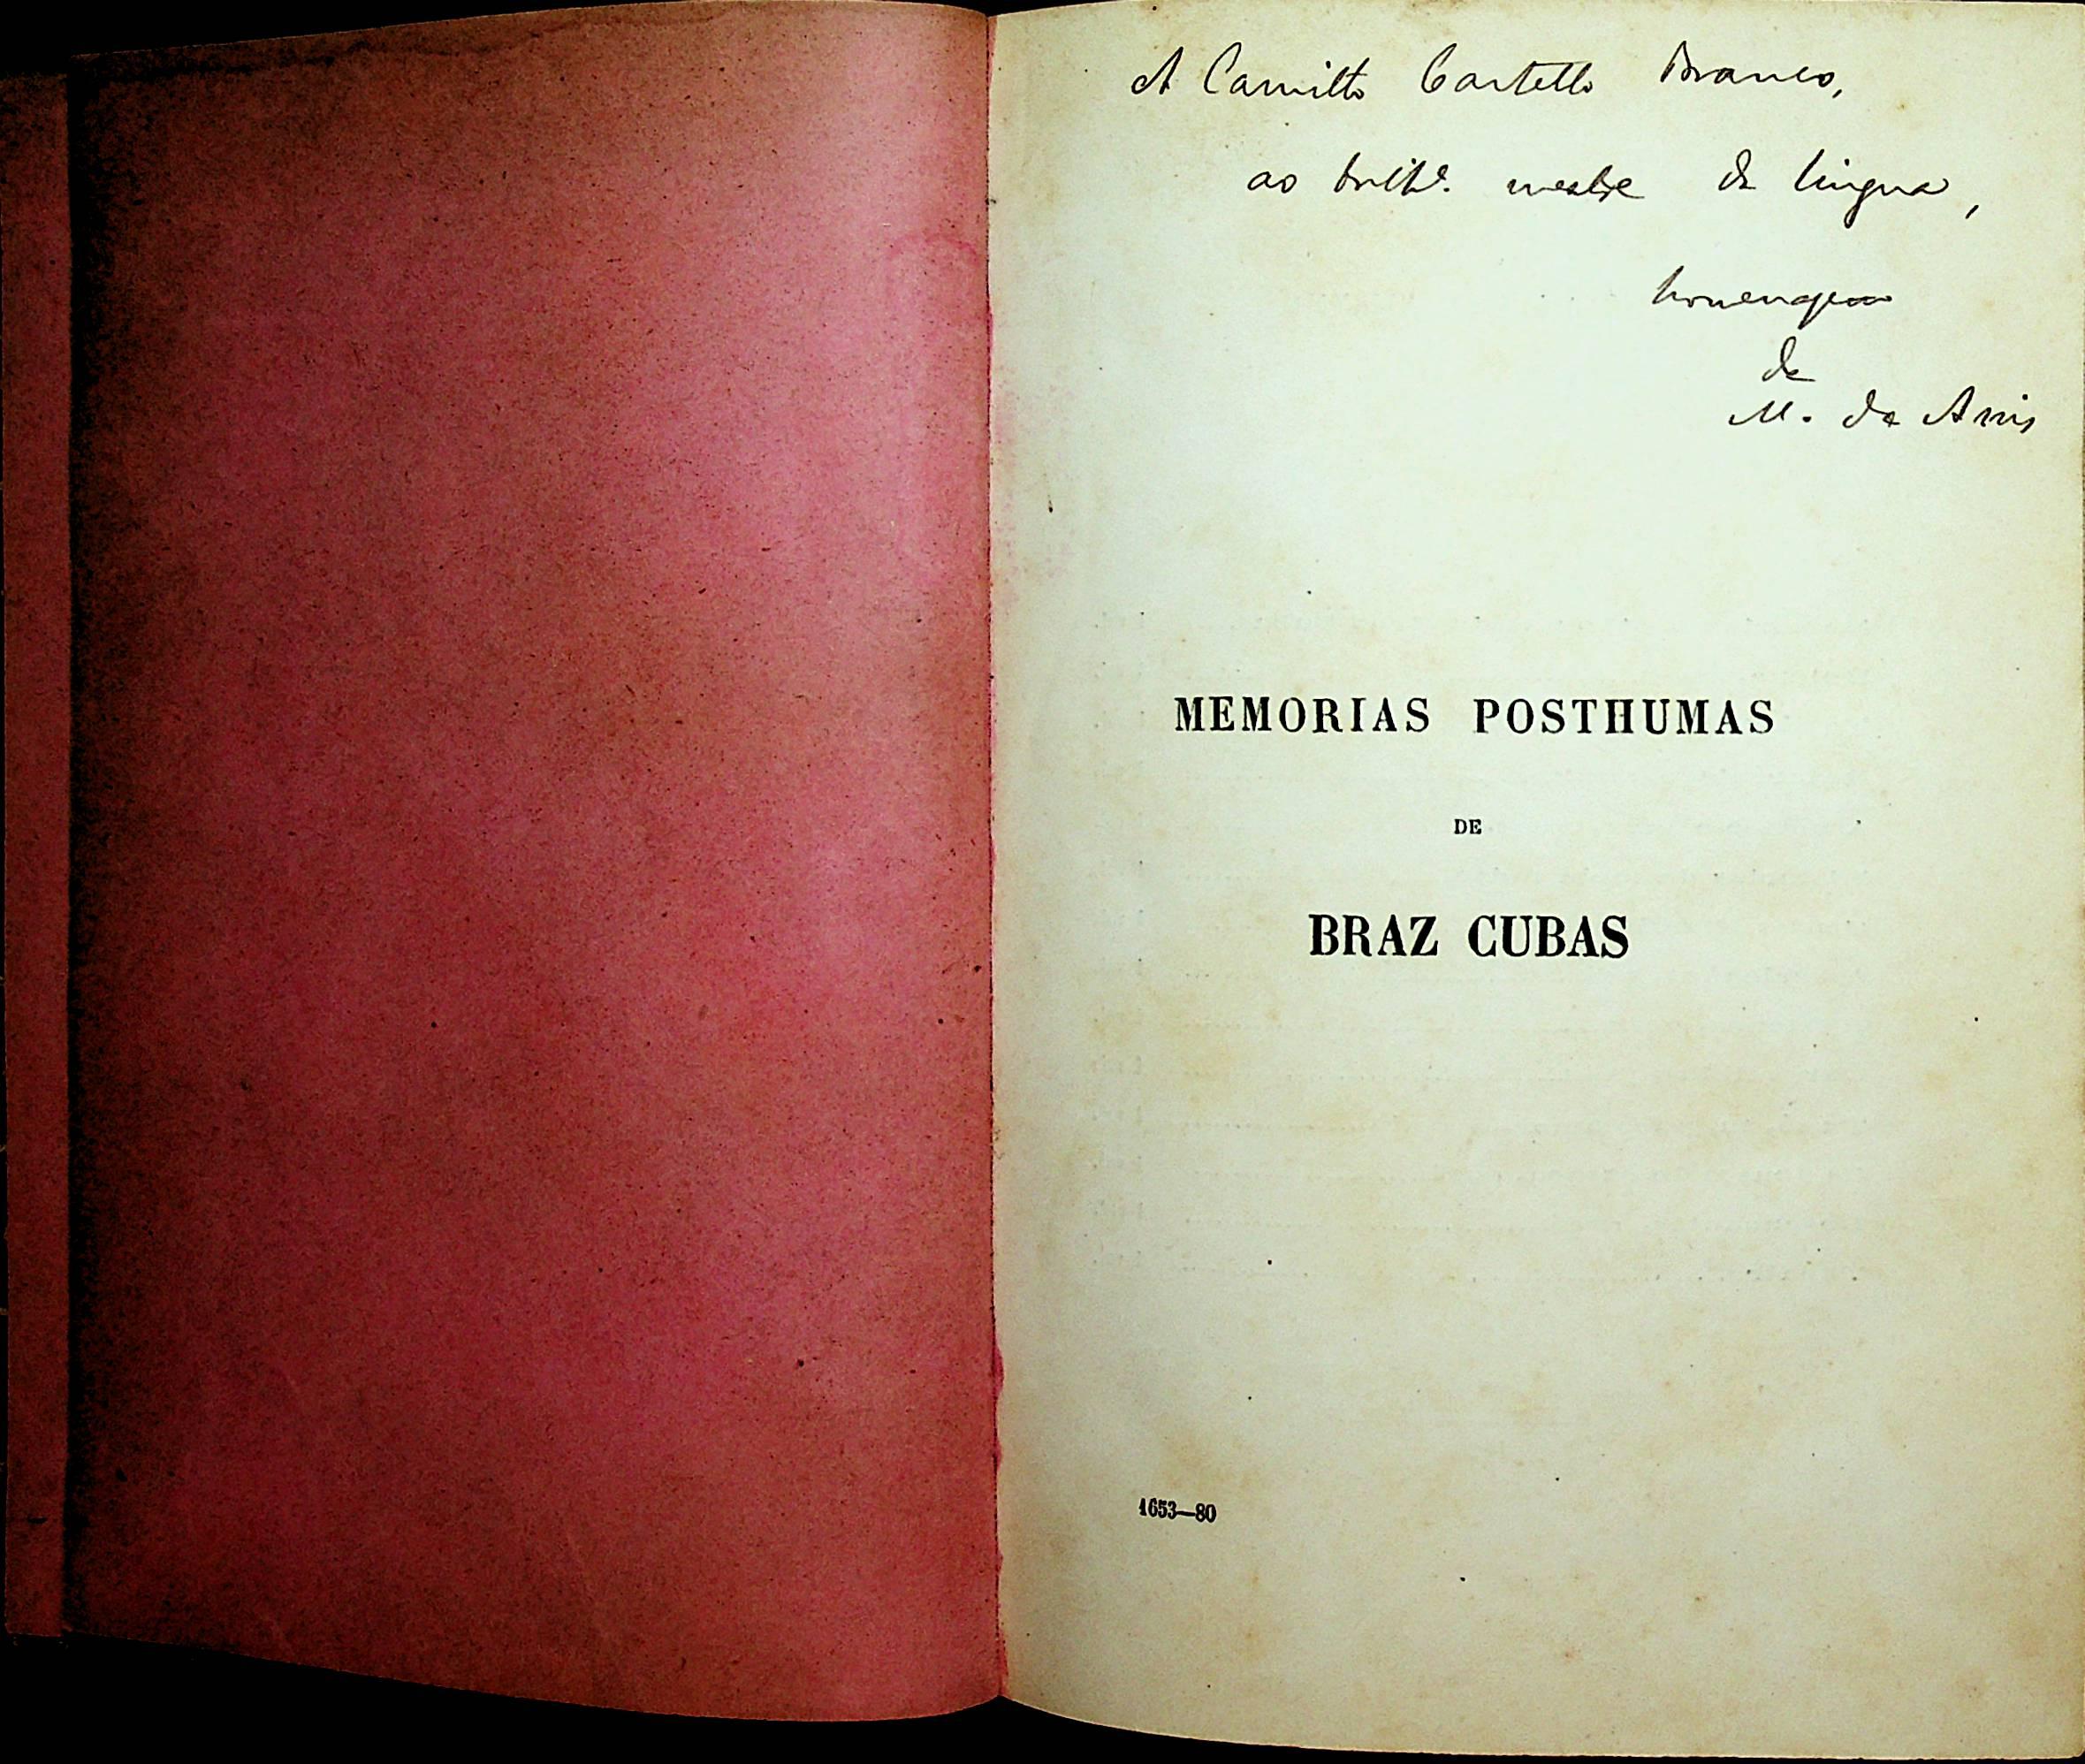 1ª edição de Memórias Póstumas de Braz cubas. 1881